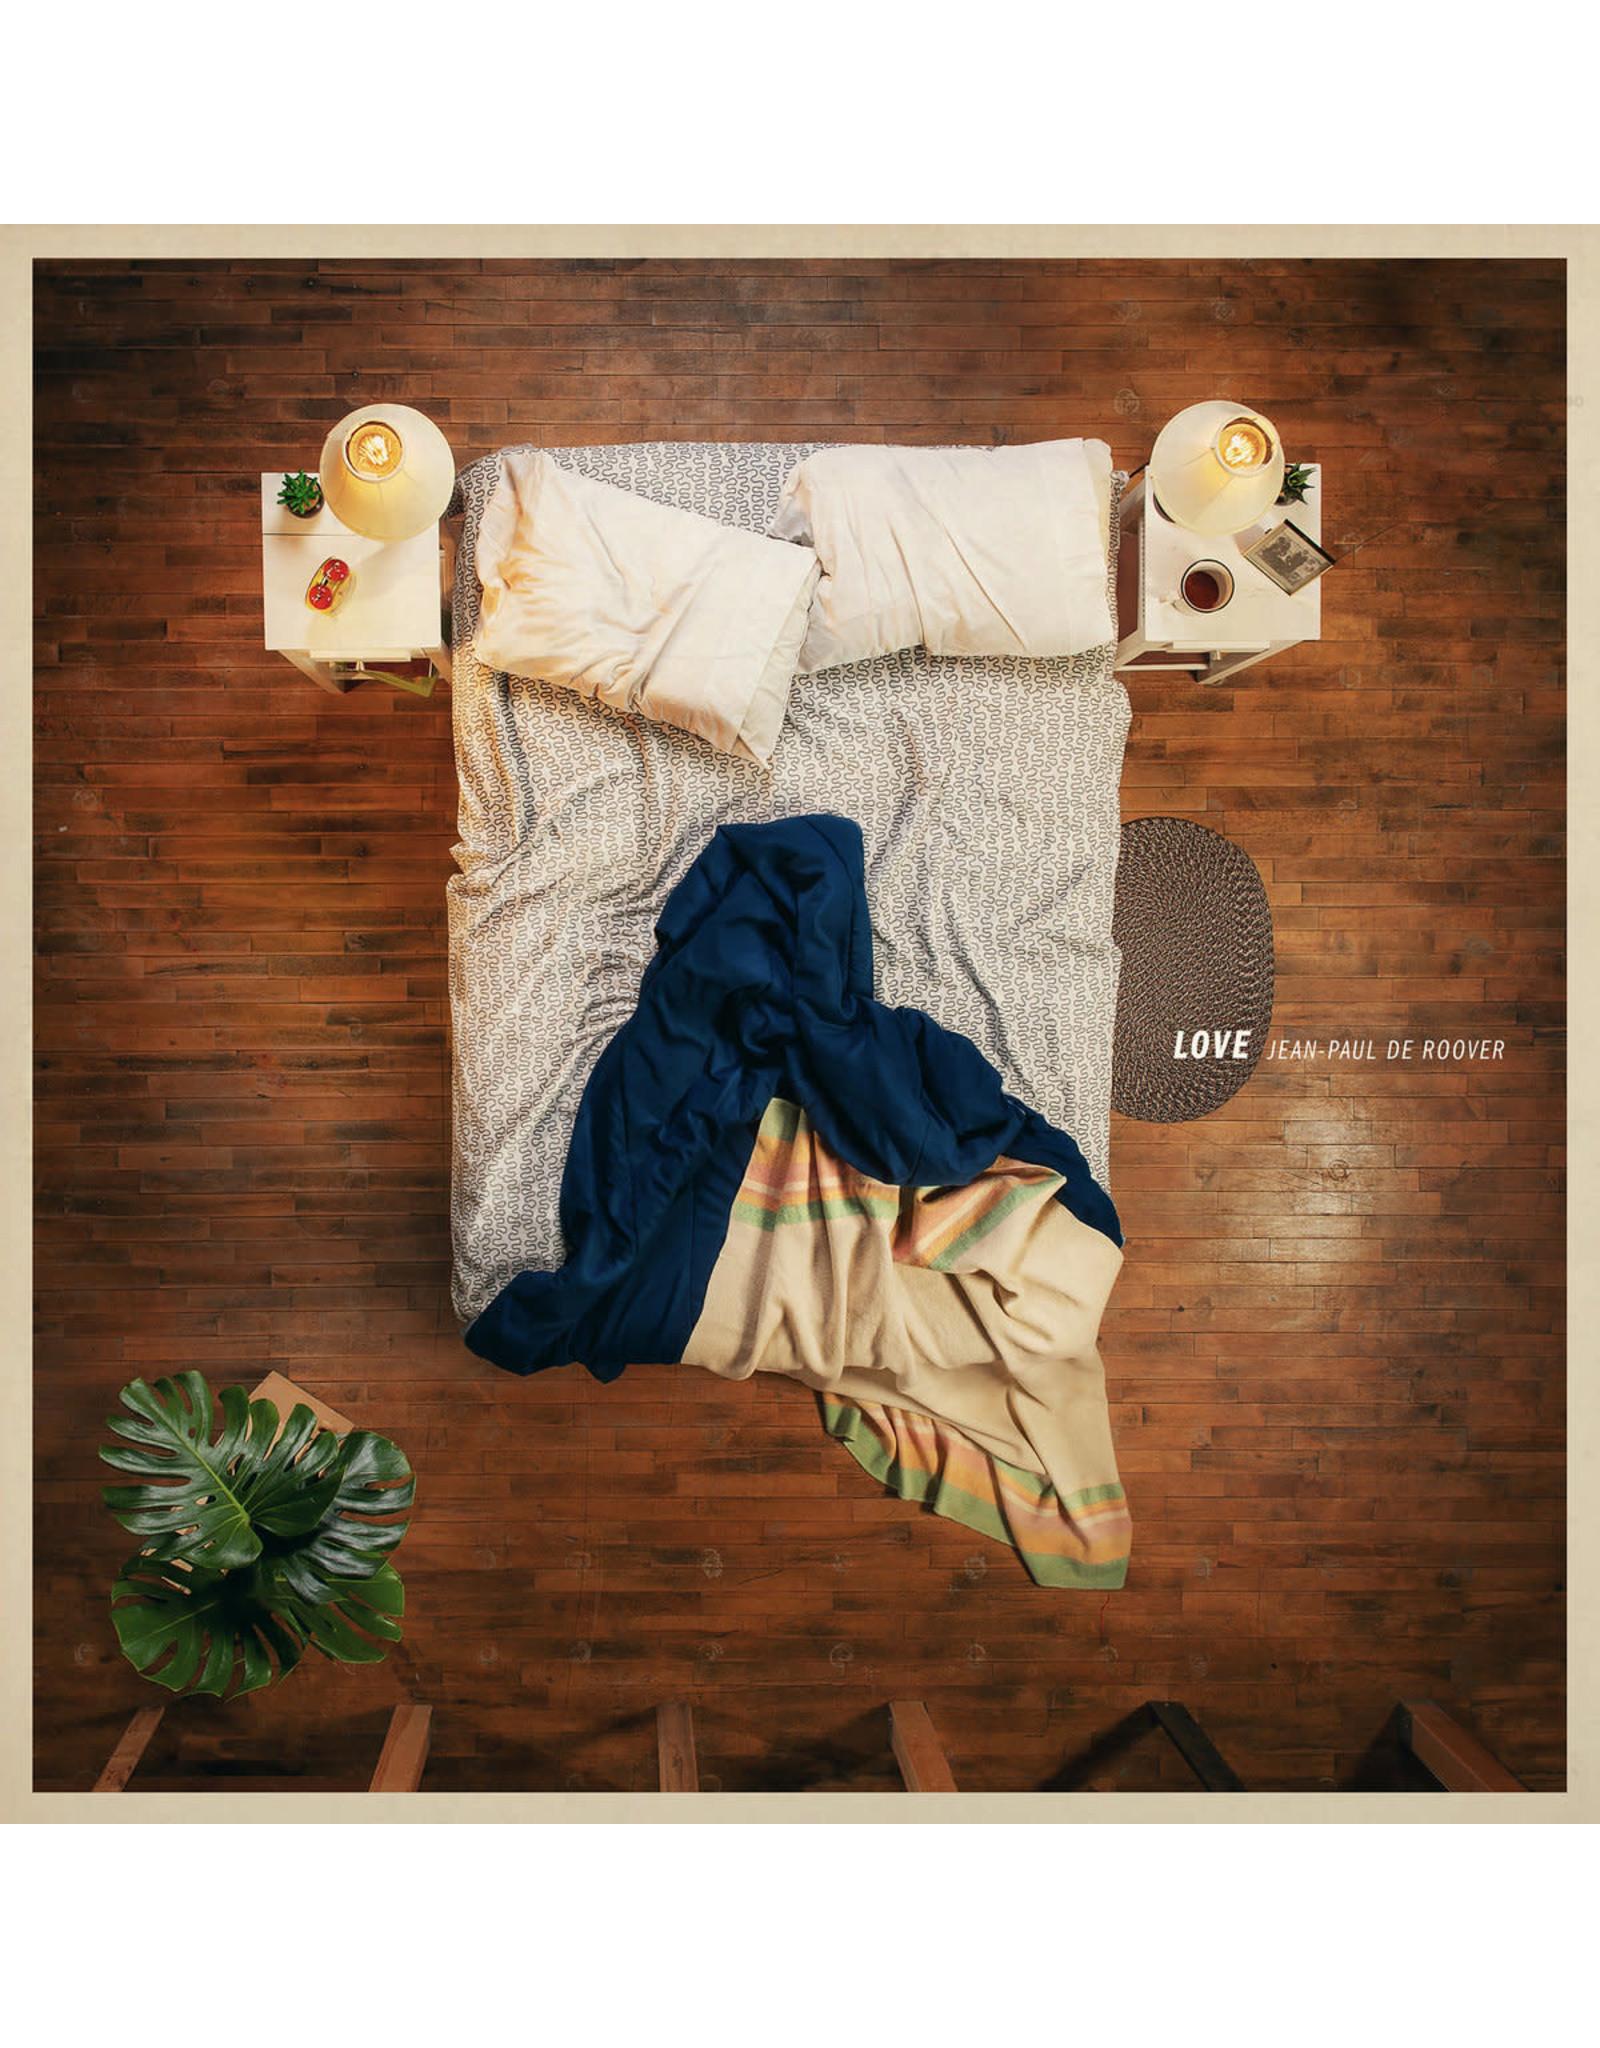 De Roover, Jean-Paul - Love LP